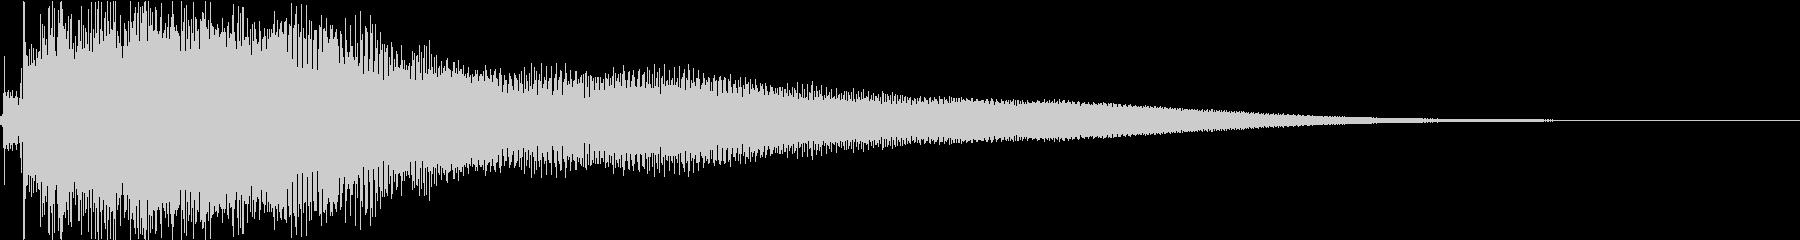 ジャラーン:アコースティックギターcの未再生の波形